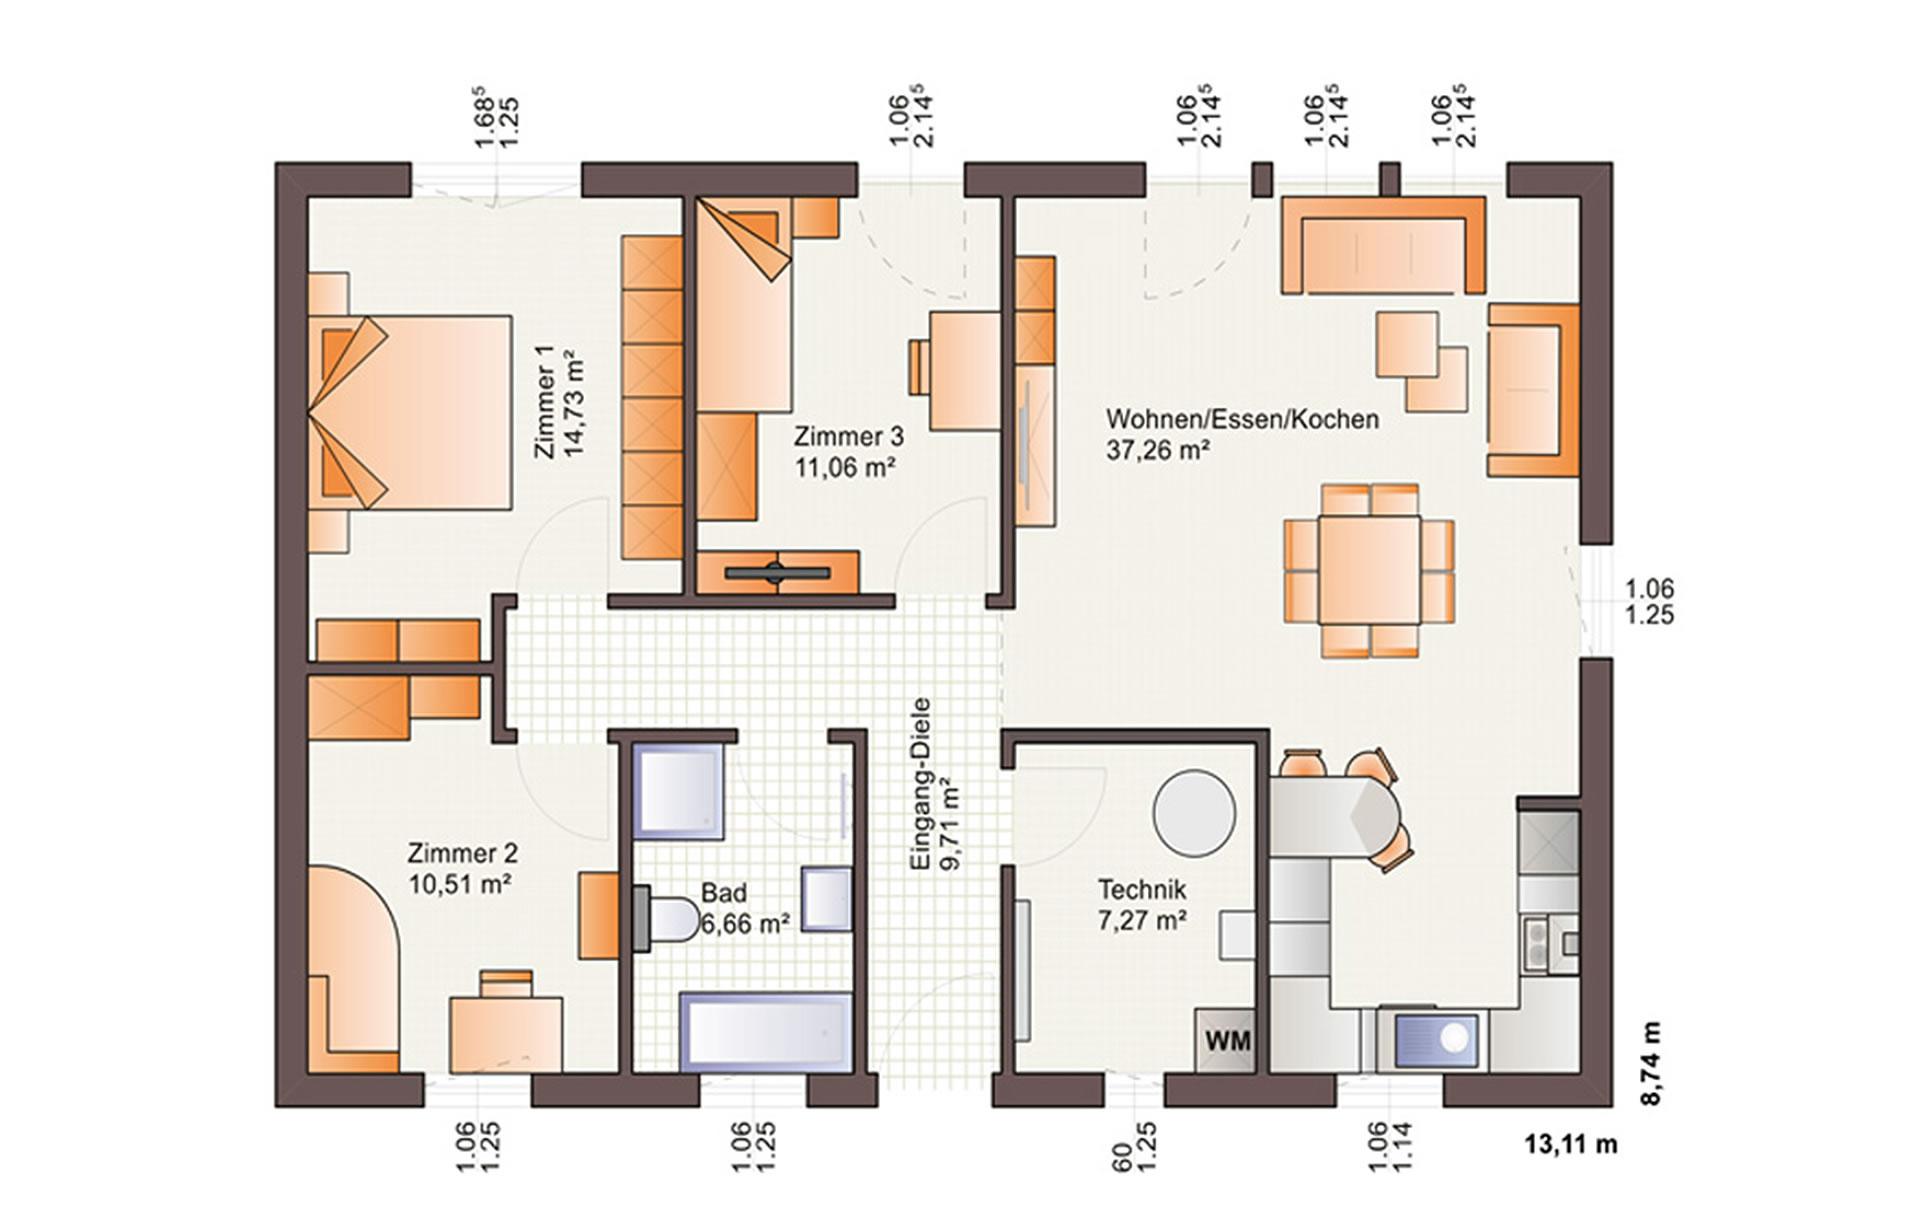 Erdgeschoss One 97 von Bärenhaus - das fertige Haus GmbH